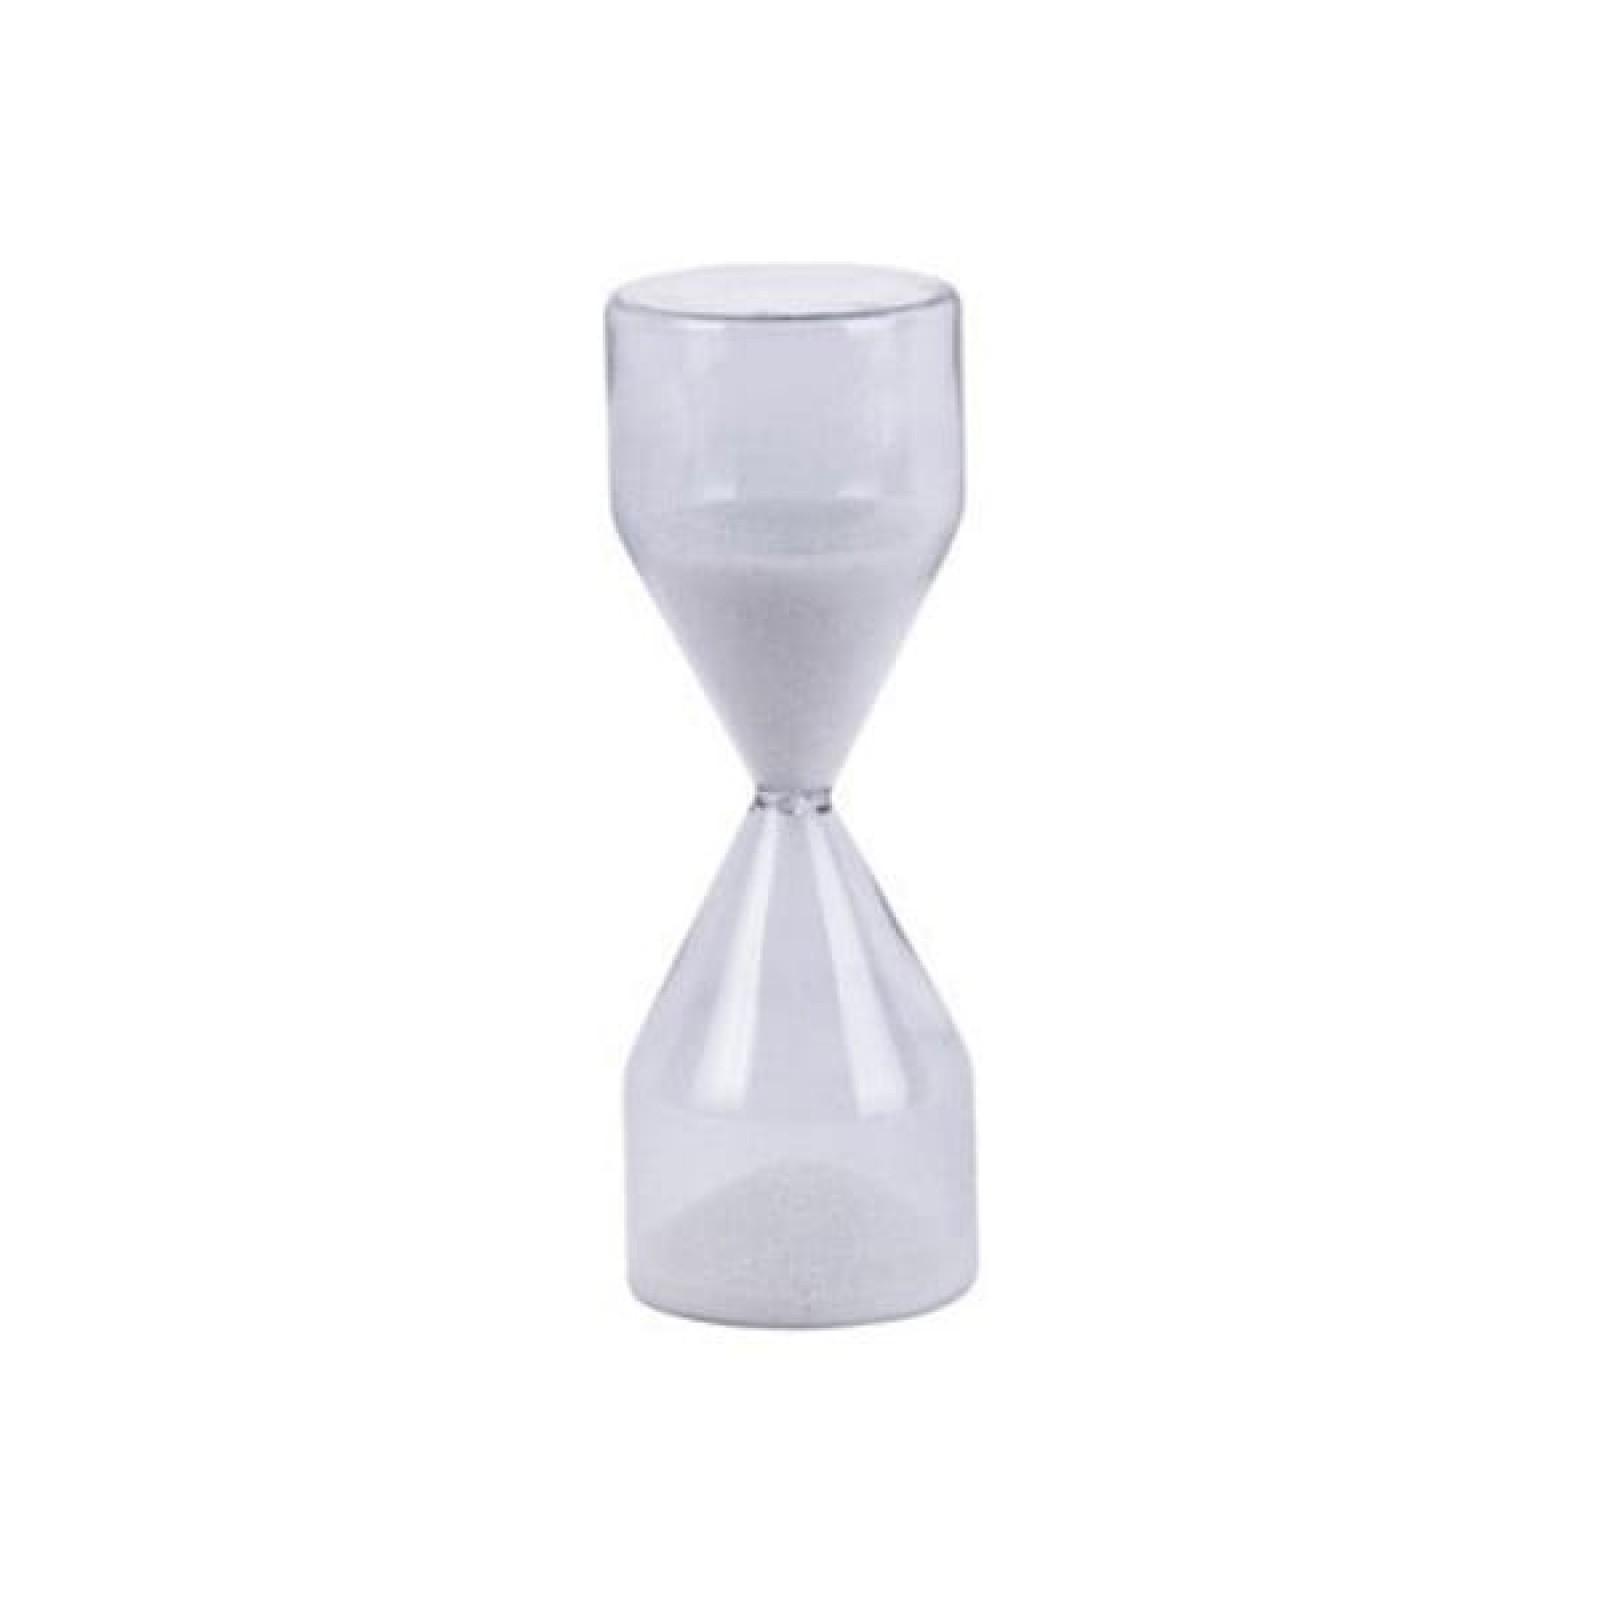 Κλεψύδρα Fairytale Small (Γκρι Γυαλί) - Present Time